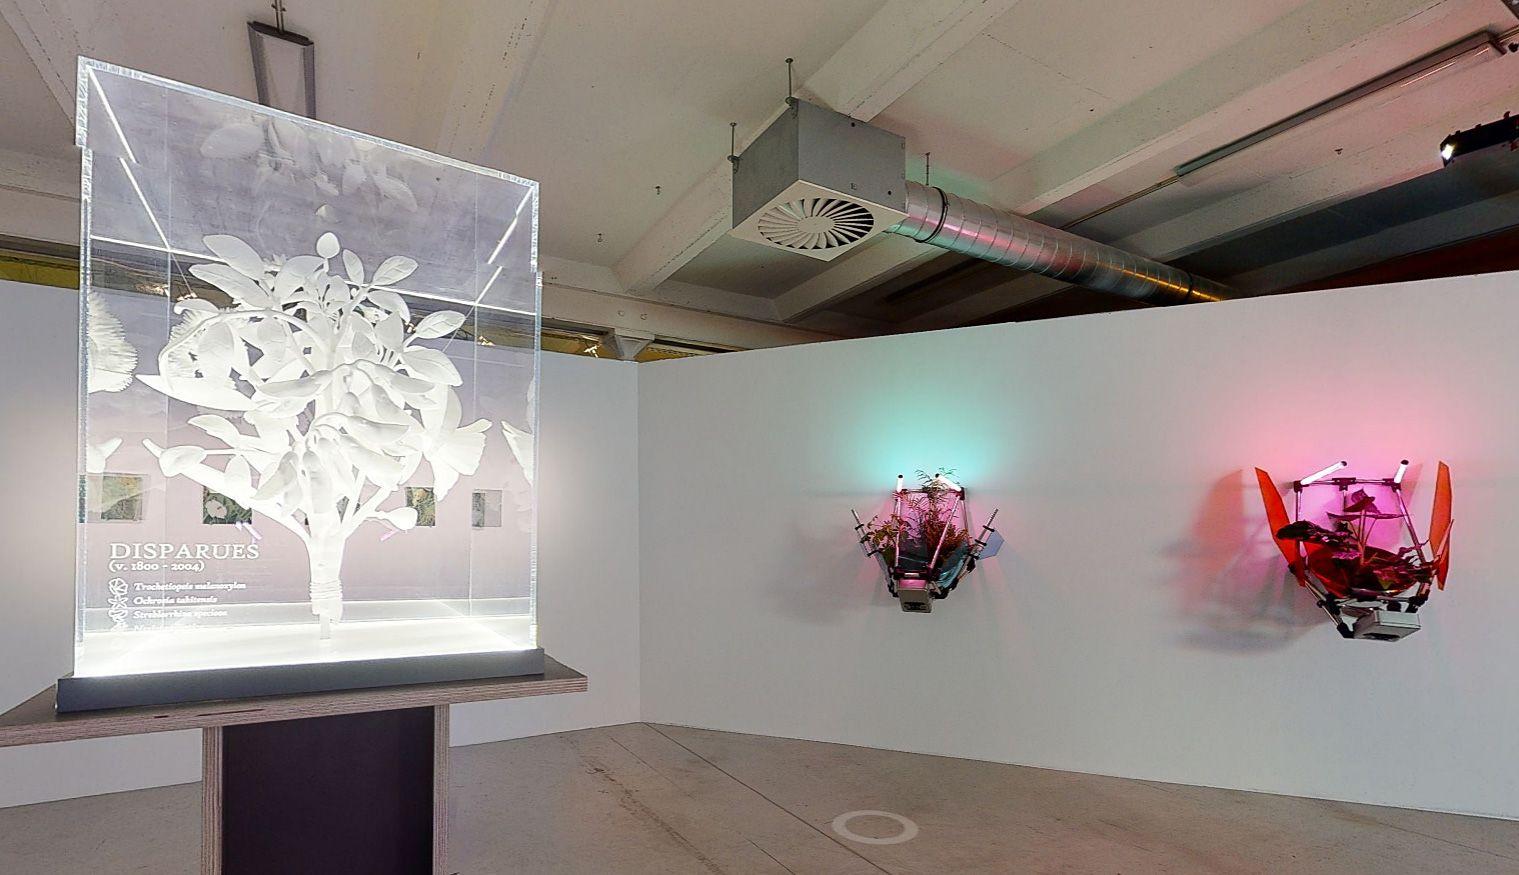 Donatien Aubert - Les jardins cybernétiques, 2020 - Biennale Chroniques 2020 - Éternité part 2 - Friche la Belle de Mai